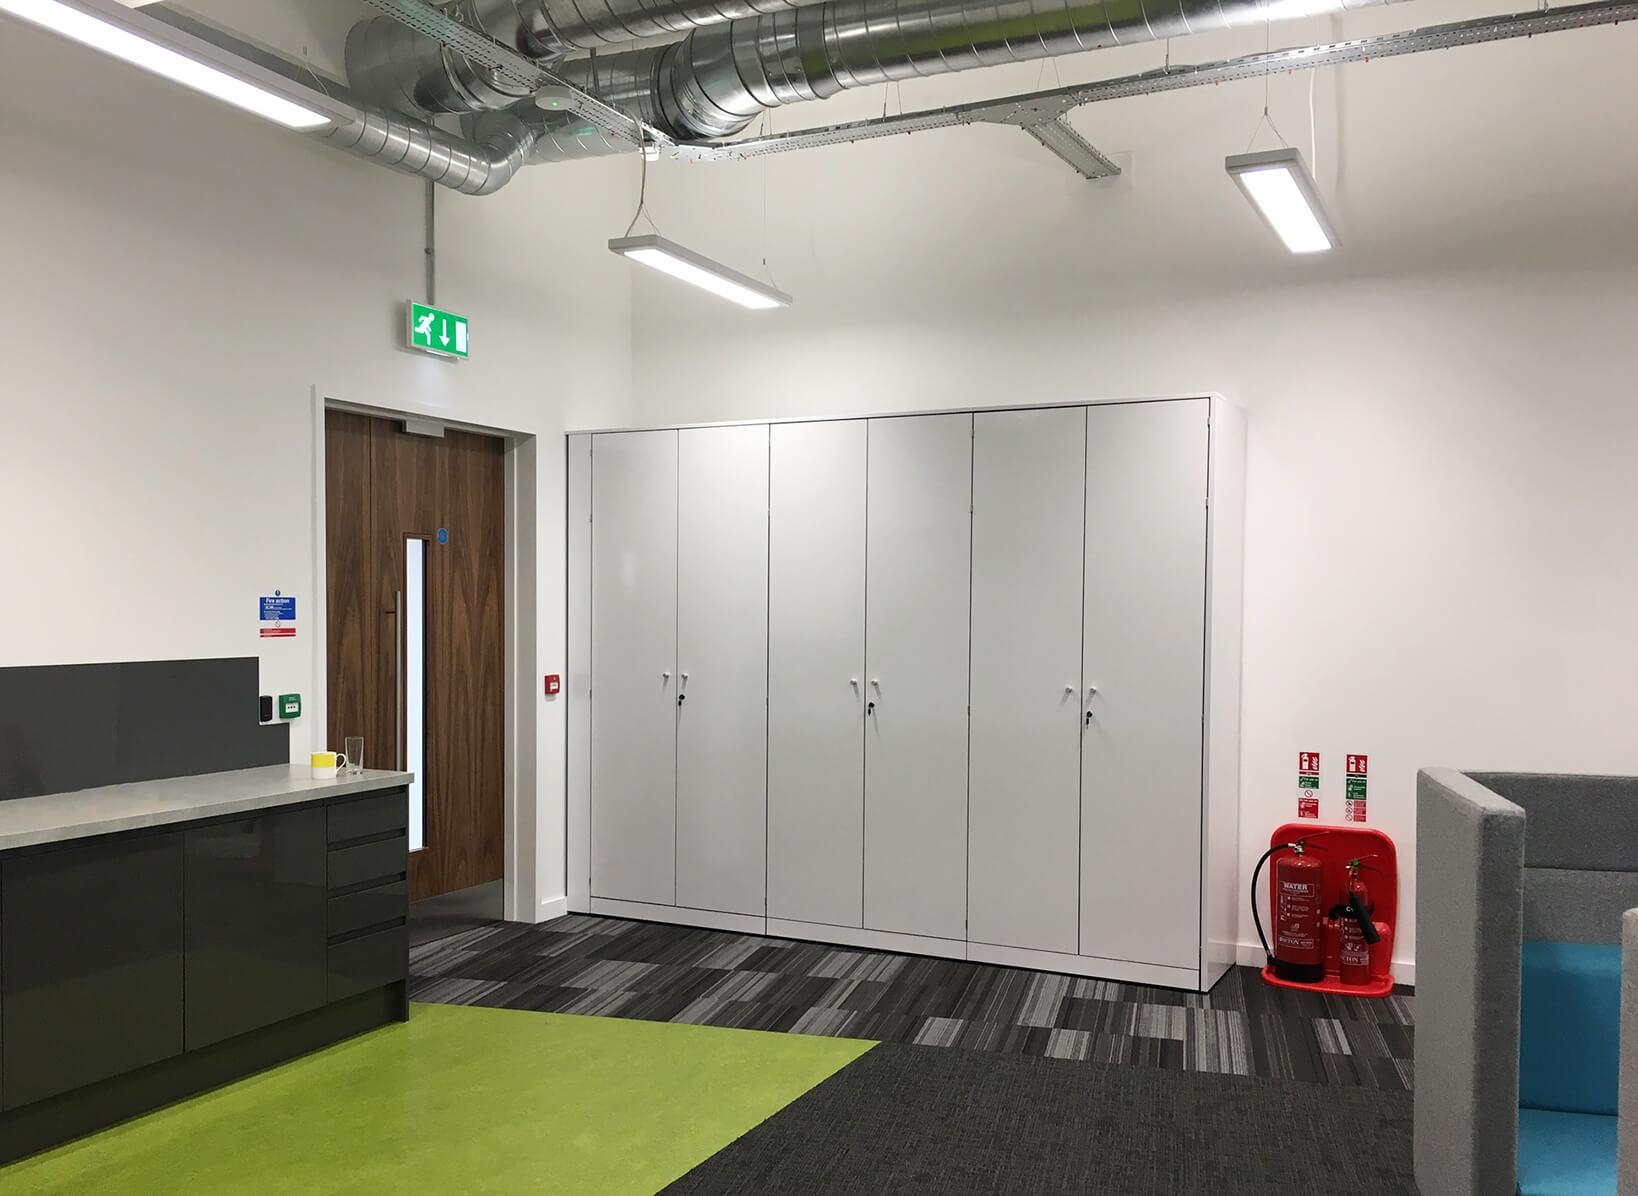 Abox - Saddleback office storage